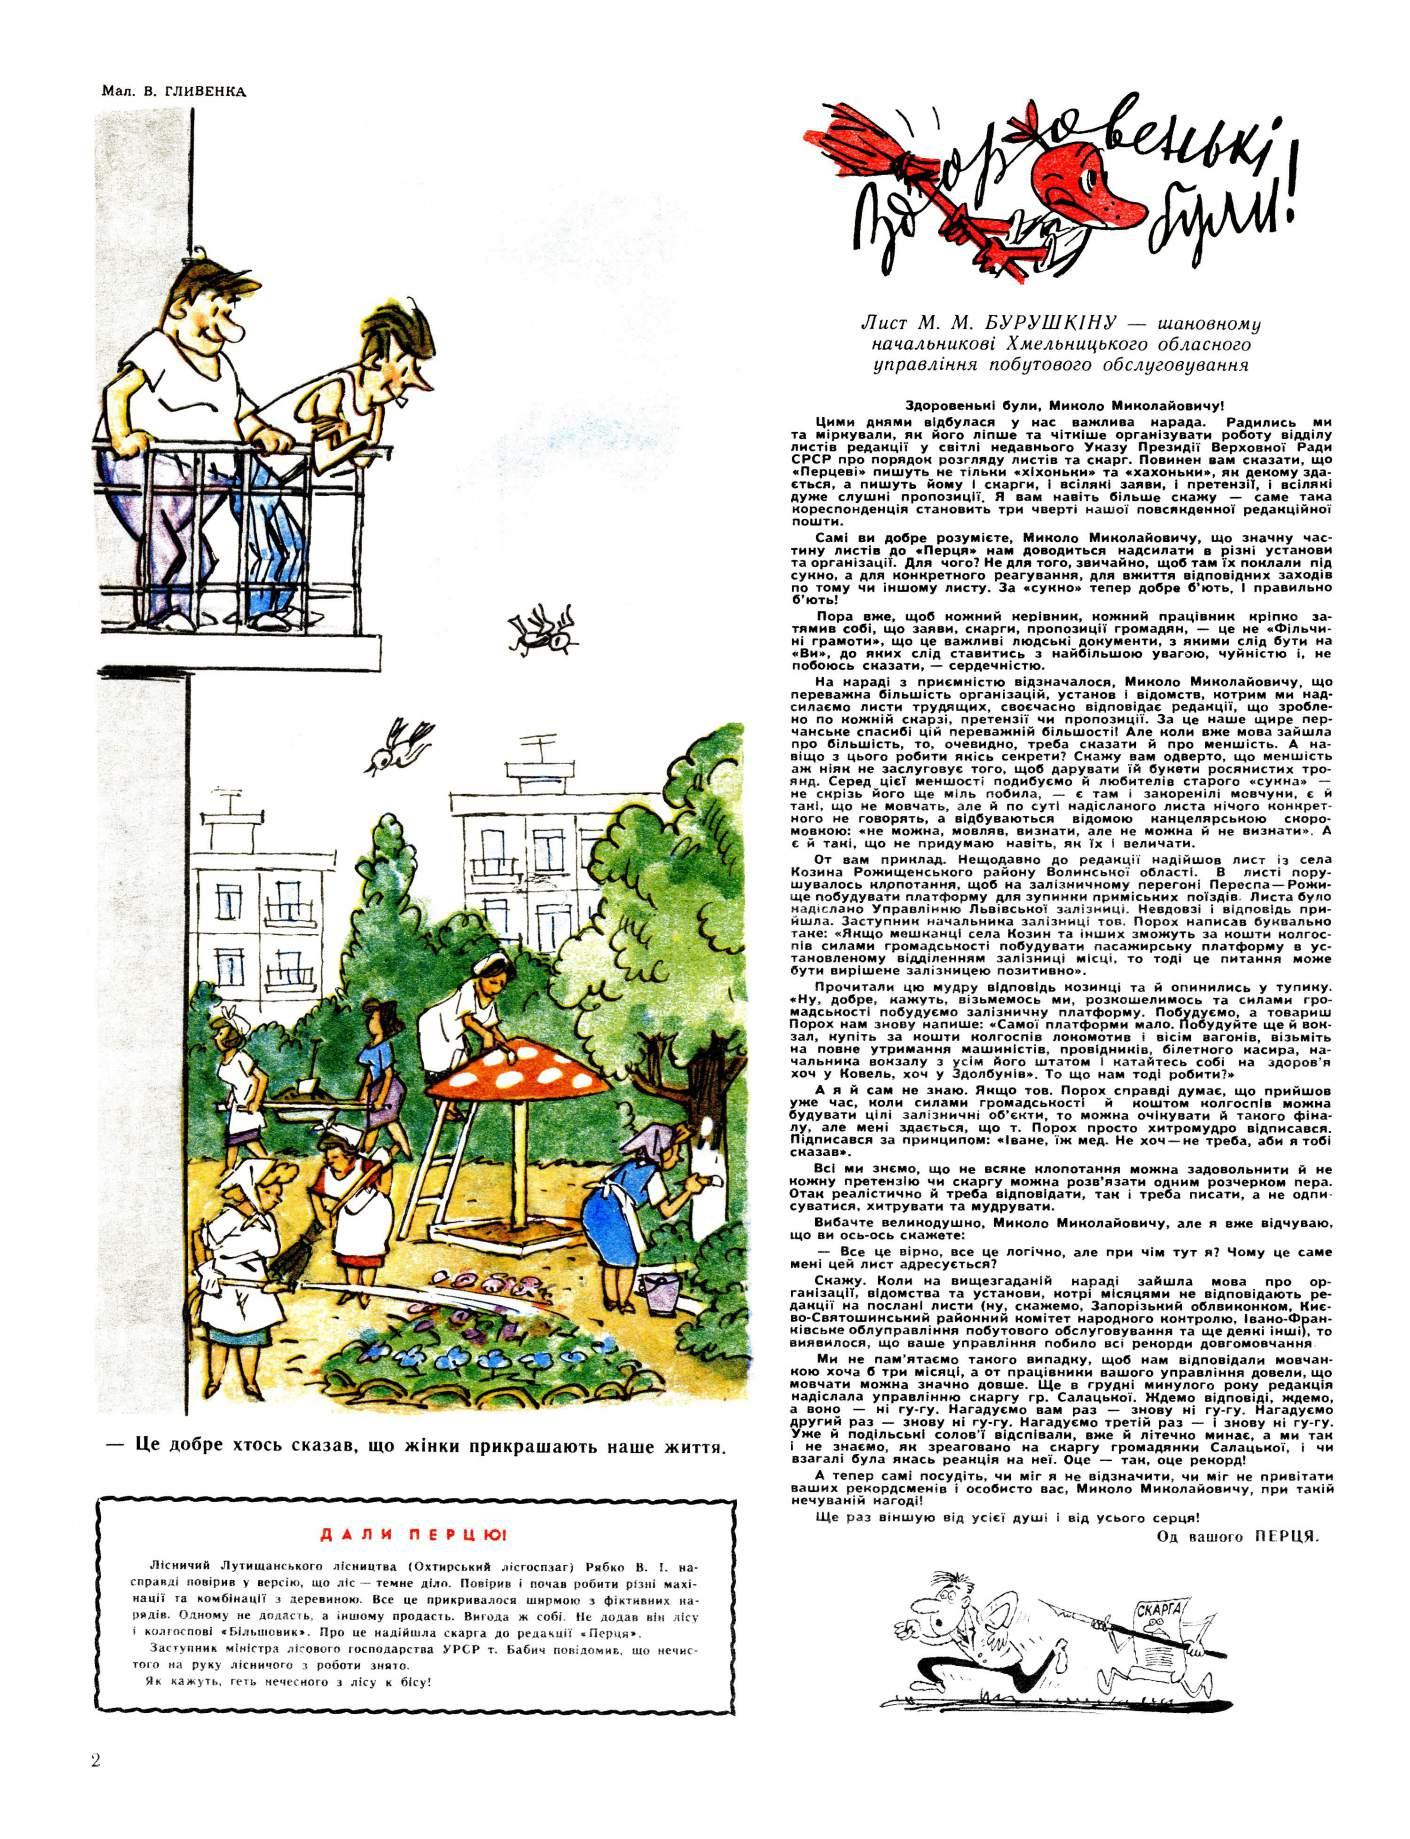 Журнал перець 1968 №13